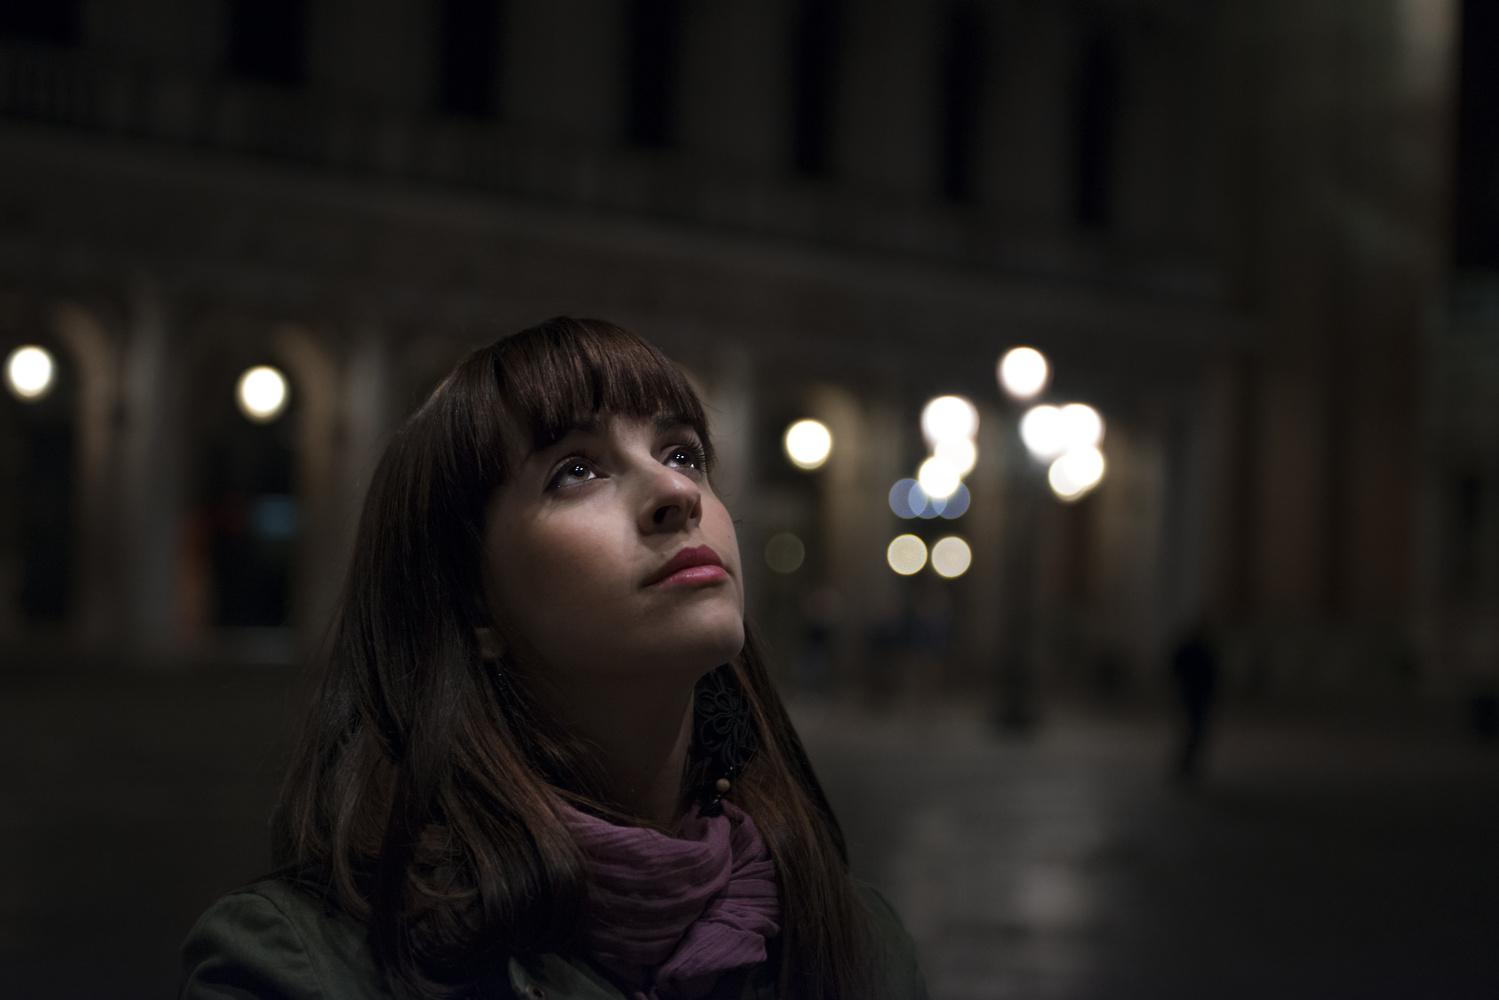 Portrait nocturne à Venise by Léonard Rodriguez